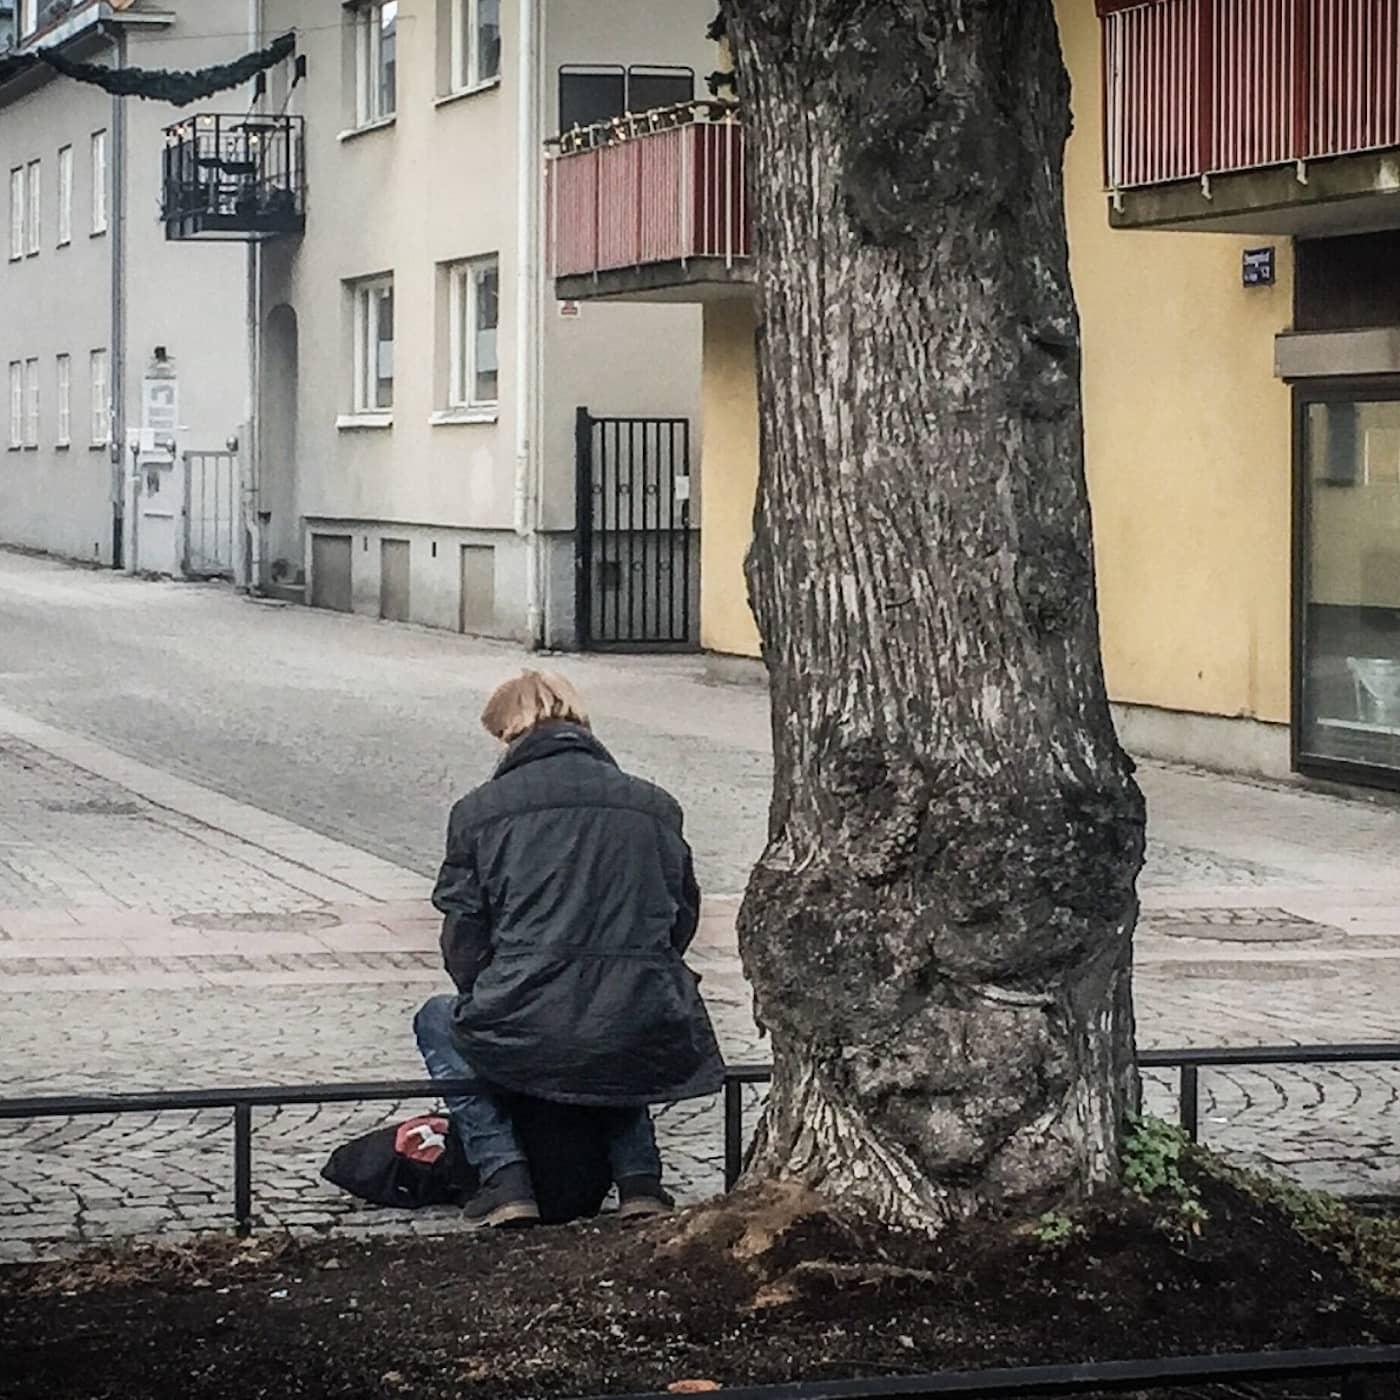 1/2. Alltid ensam - Så skadas du av ofrivillig ensamhet